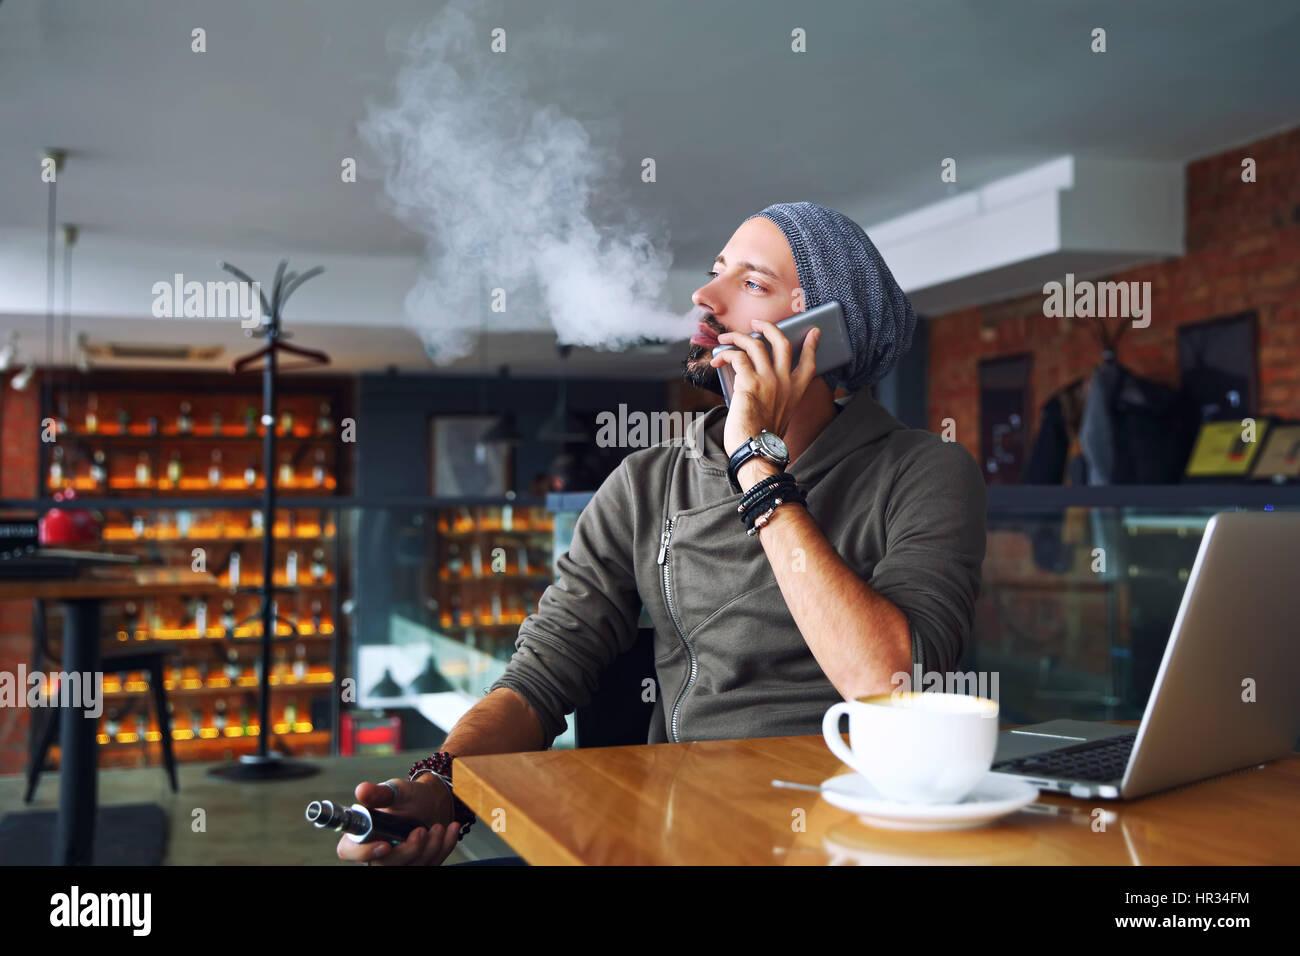 Giovane bello hipster l uomo con la barba seduto nella caffetteria con una tazza di caffè, vaping e rilascia Immagini Stock